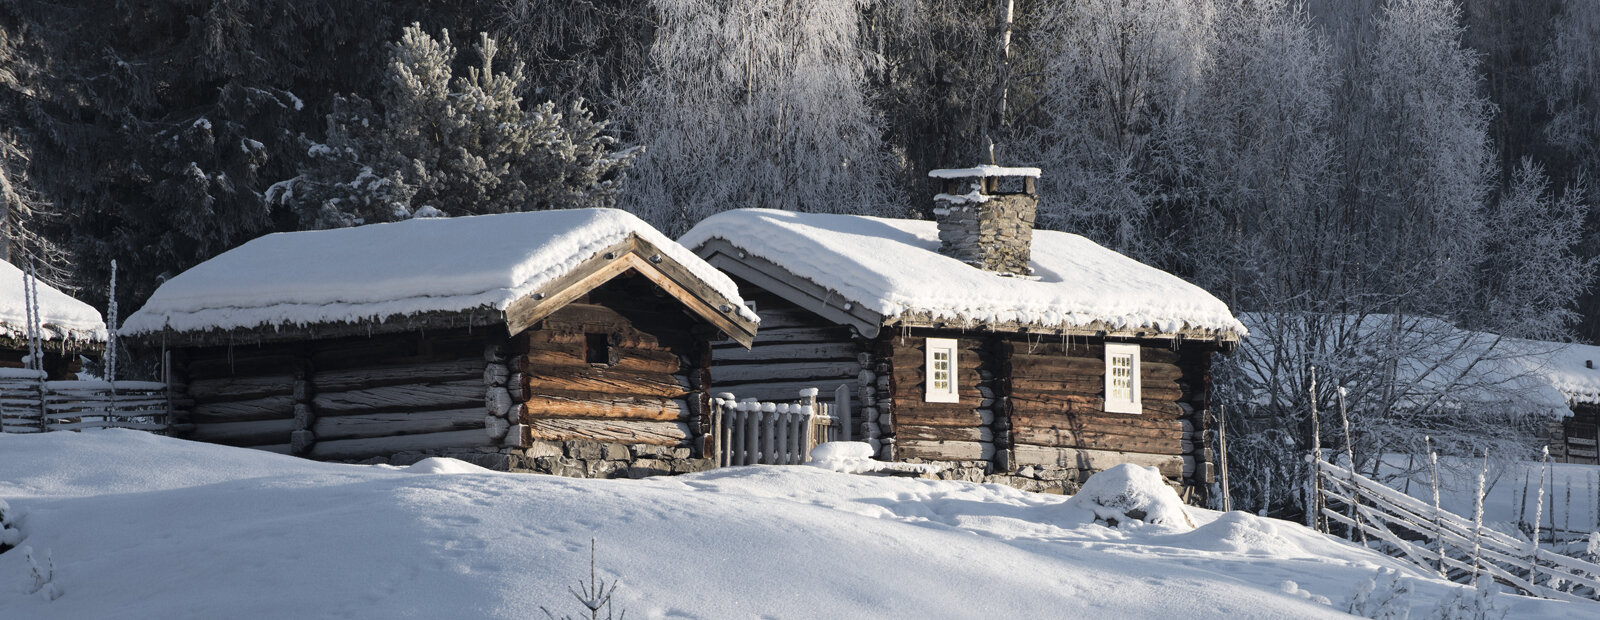 Setergrenda på Maihaugen vinterstid.